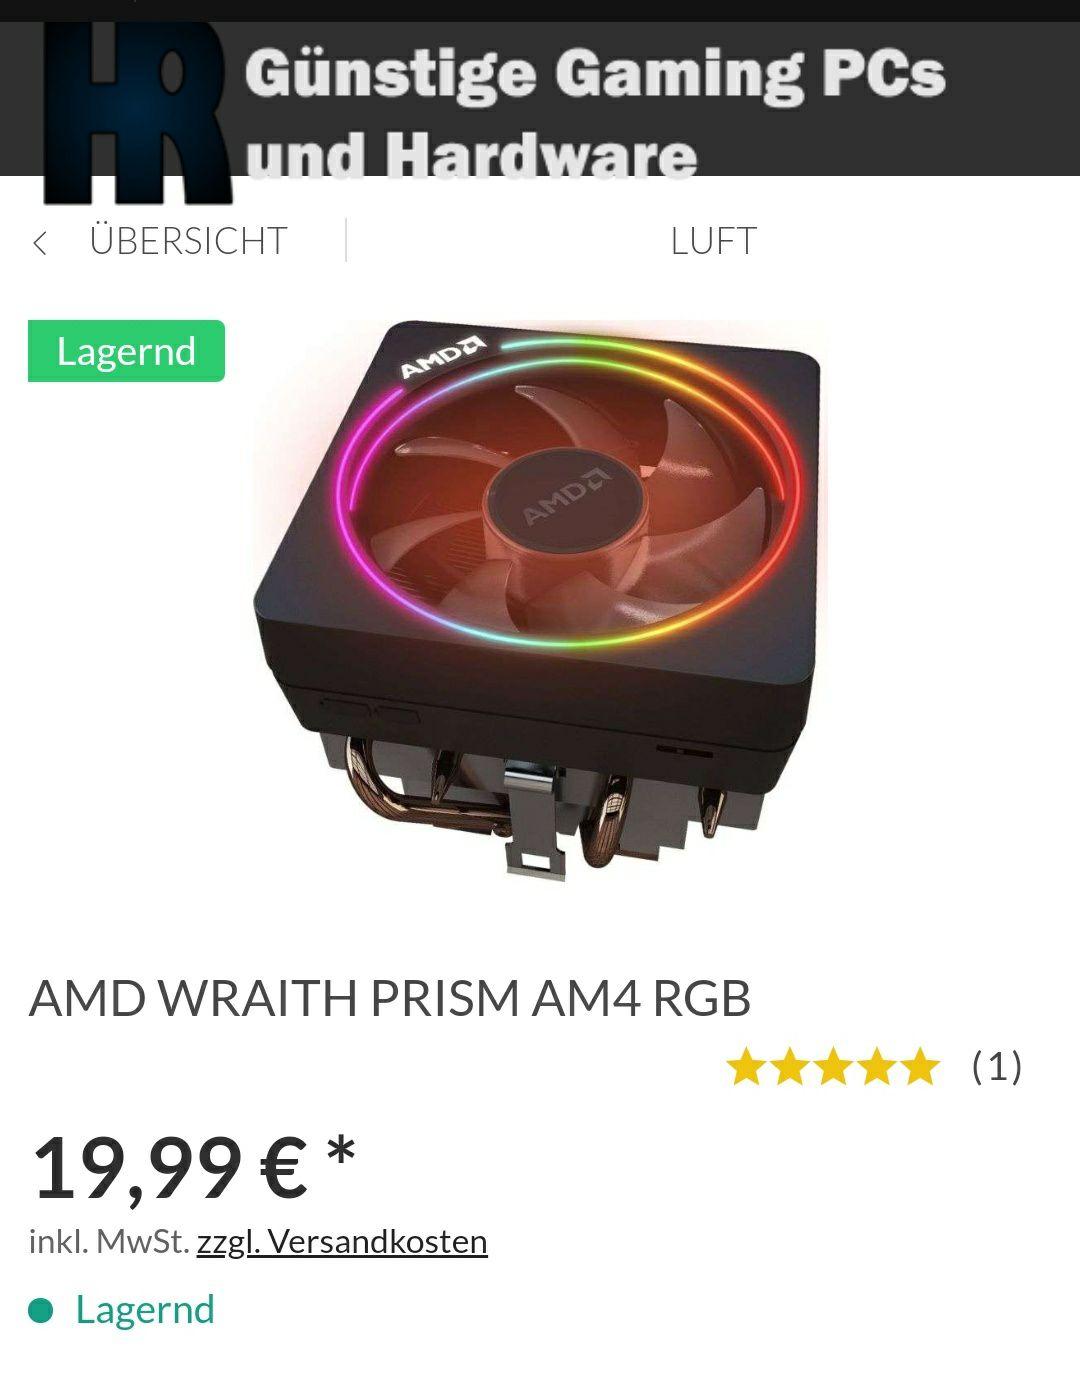 AMD WRAITH PRISM AM4 RGB